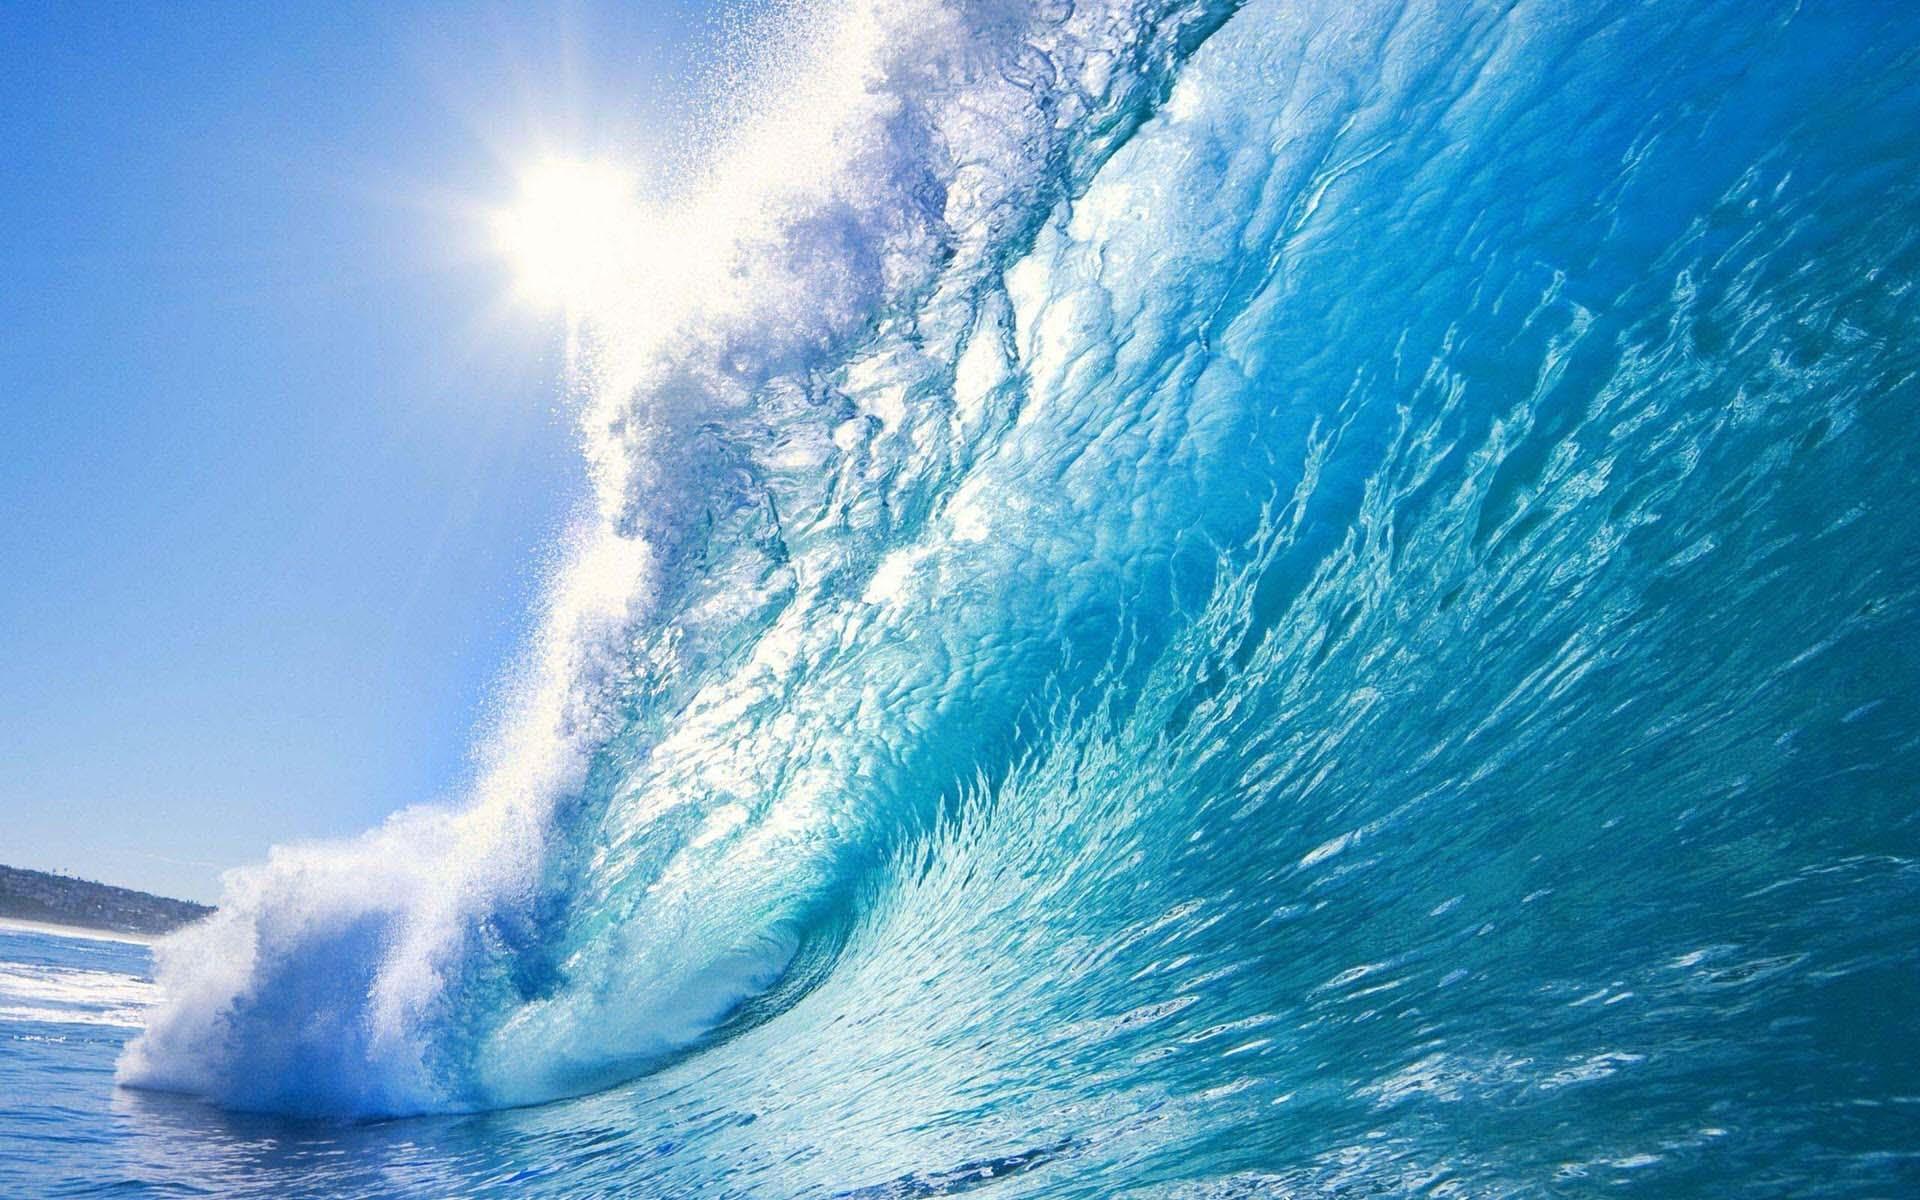 Hình nền màu xanh nước biển